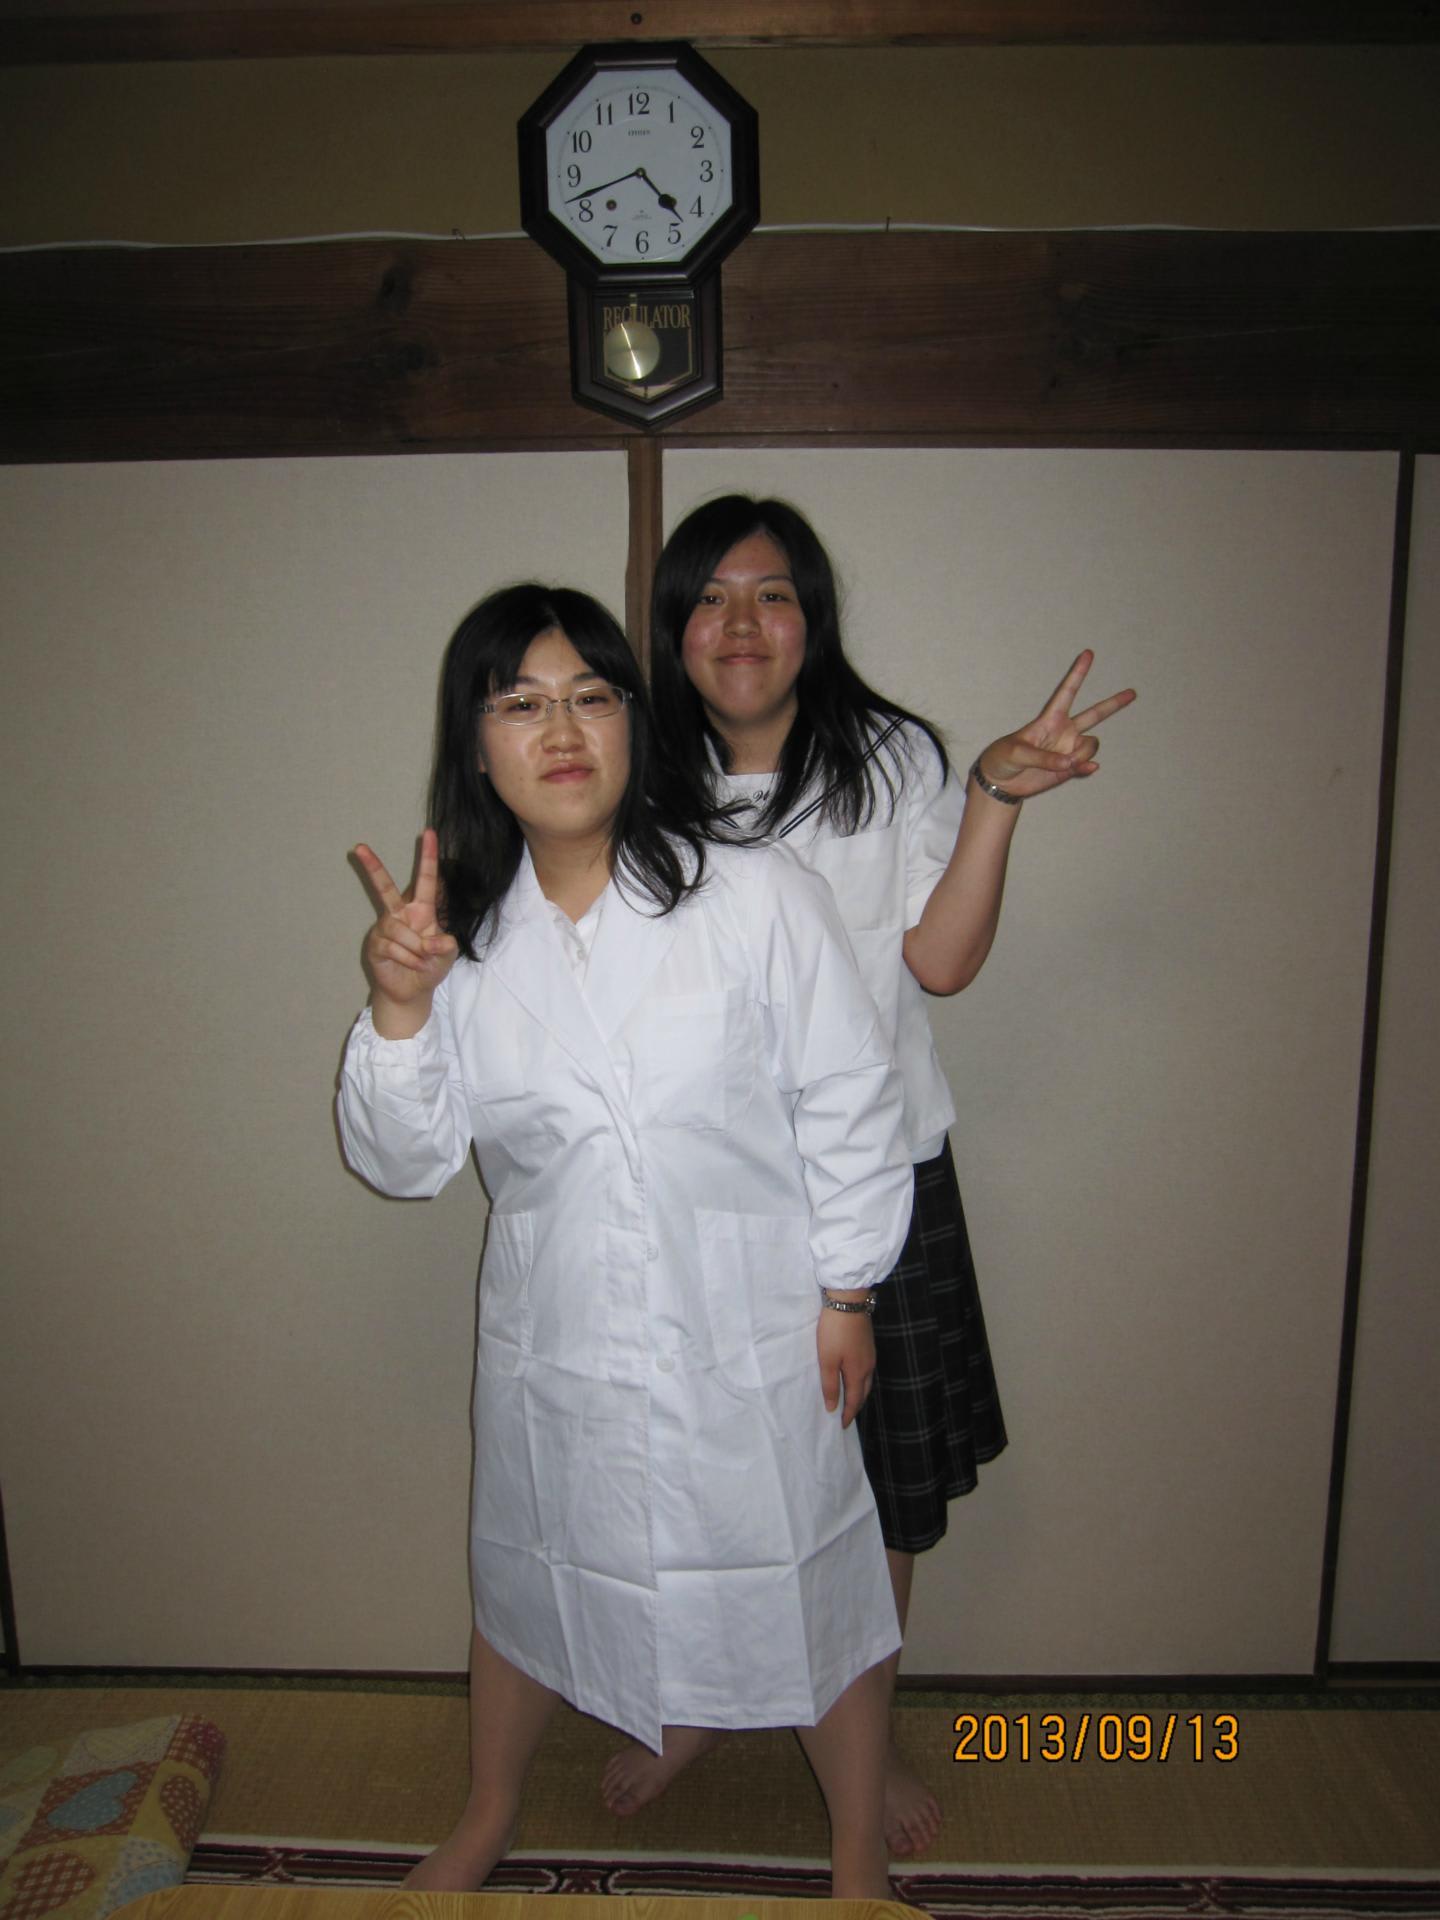 台風18号(マンニィ)は東に逸れて関東へ マッチャンのブログ